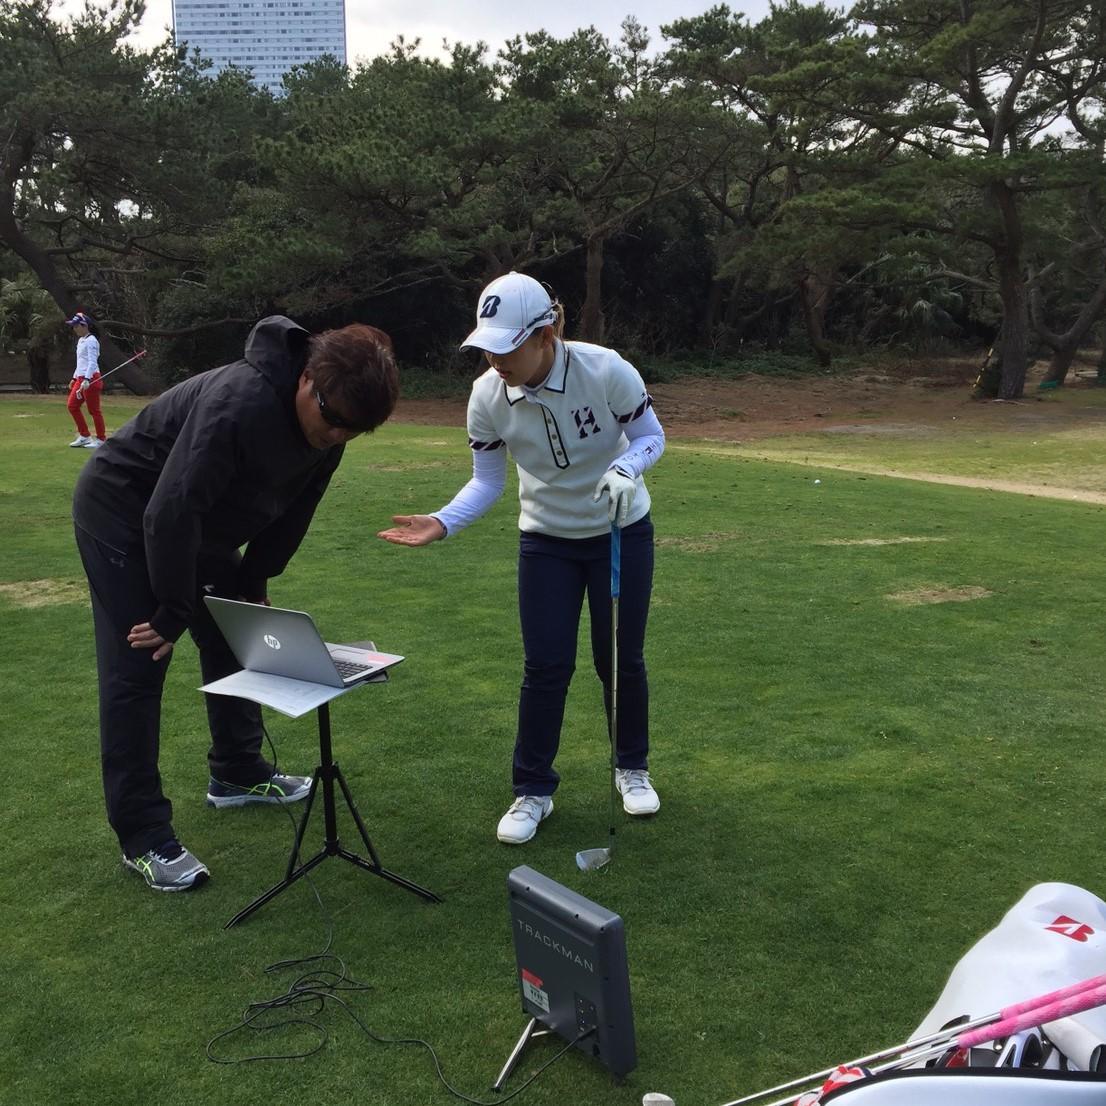 https://www.bs-golf.com/pro/34da12428b25f4dfa180f28337b57fddcb6a065b.JPG